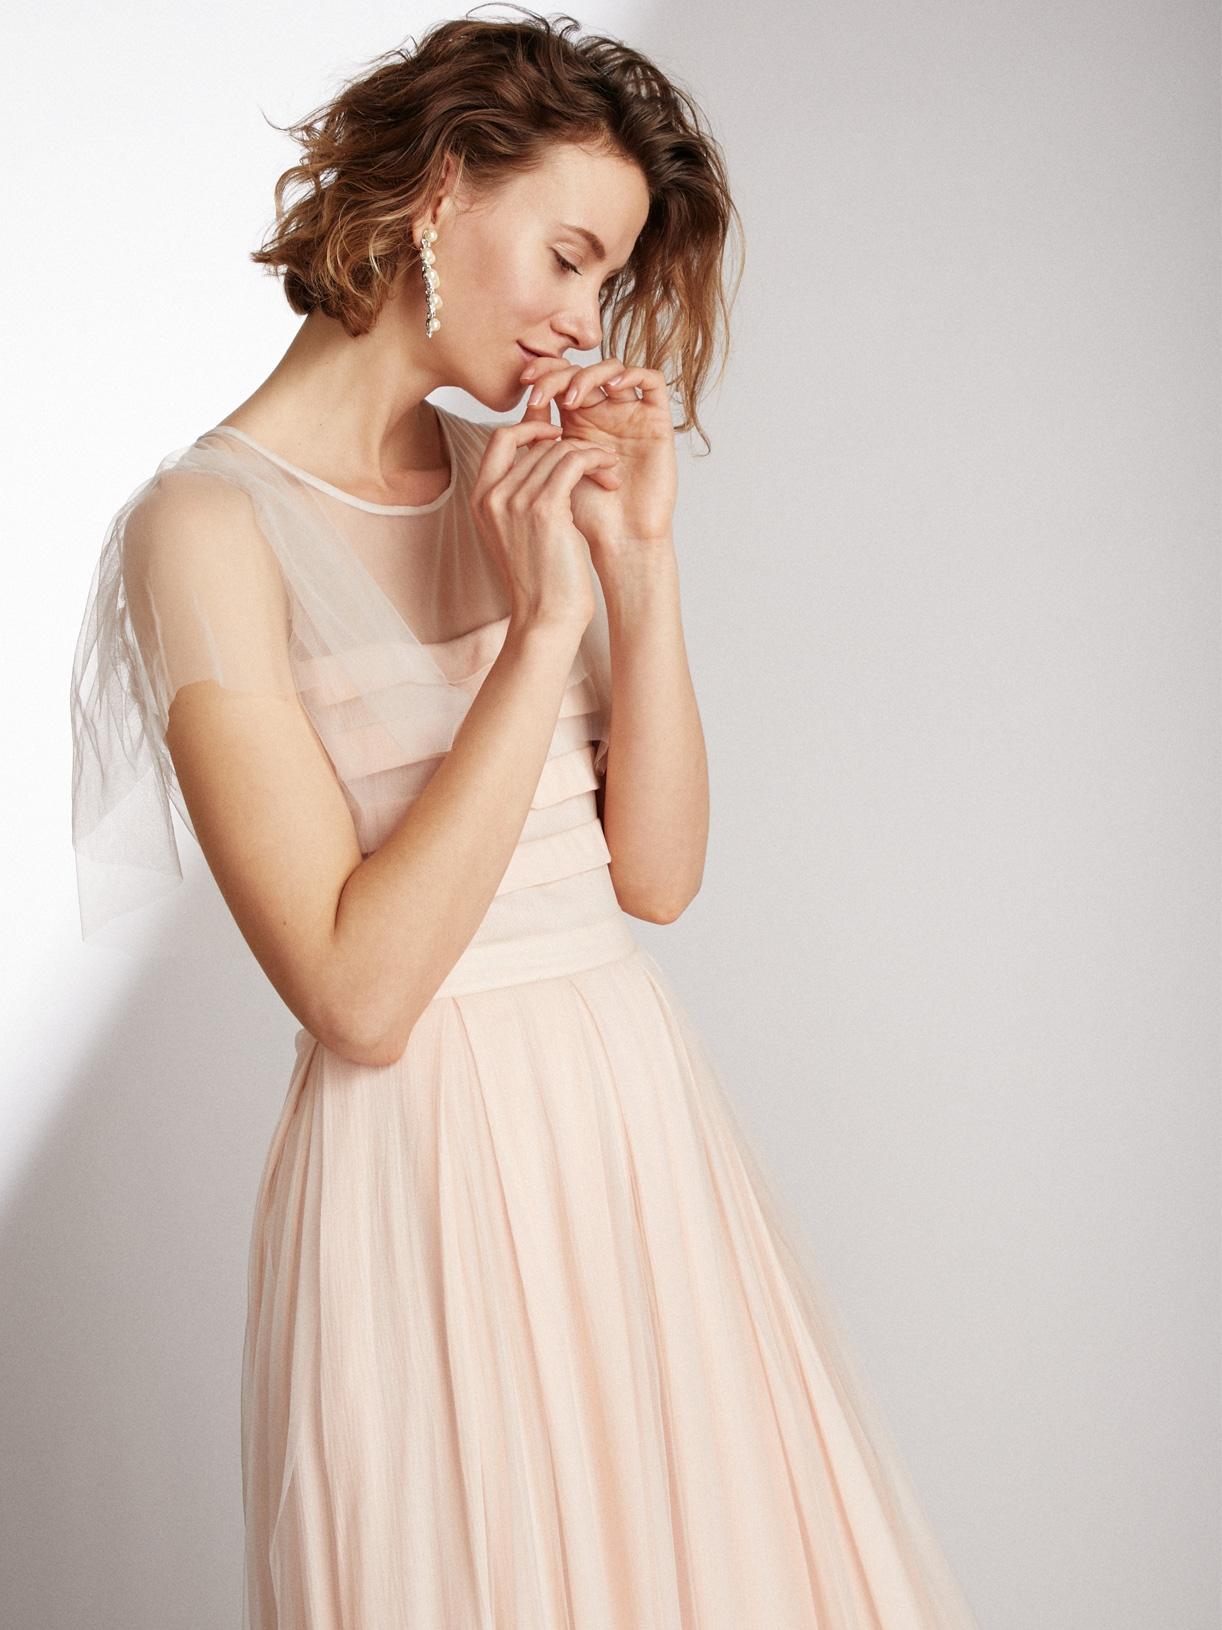 HEAVEN - Robe de mariée plissée rose a volants de tulle ethique et sur-mesure - Myphilosophy